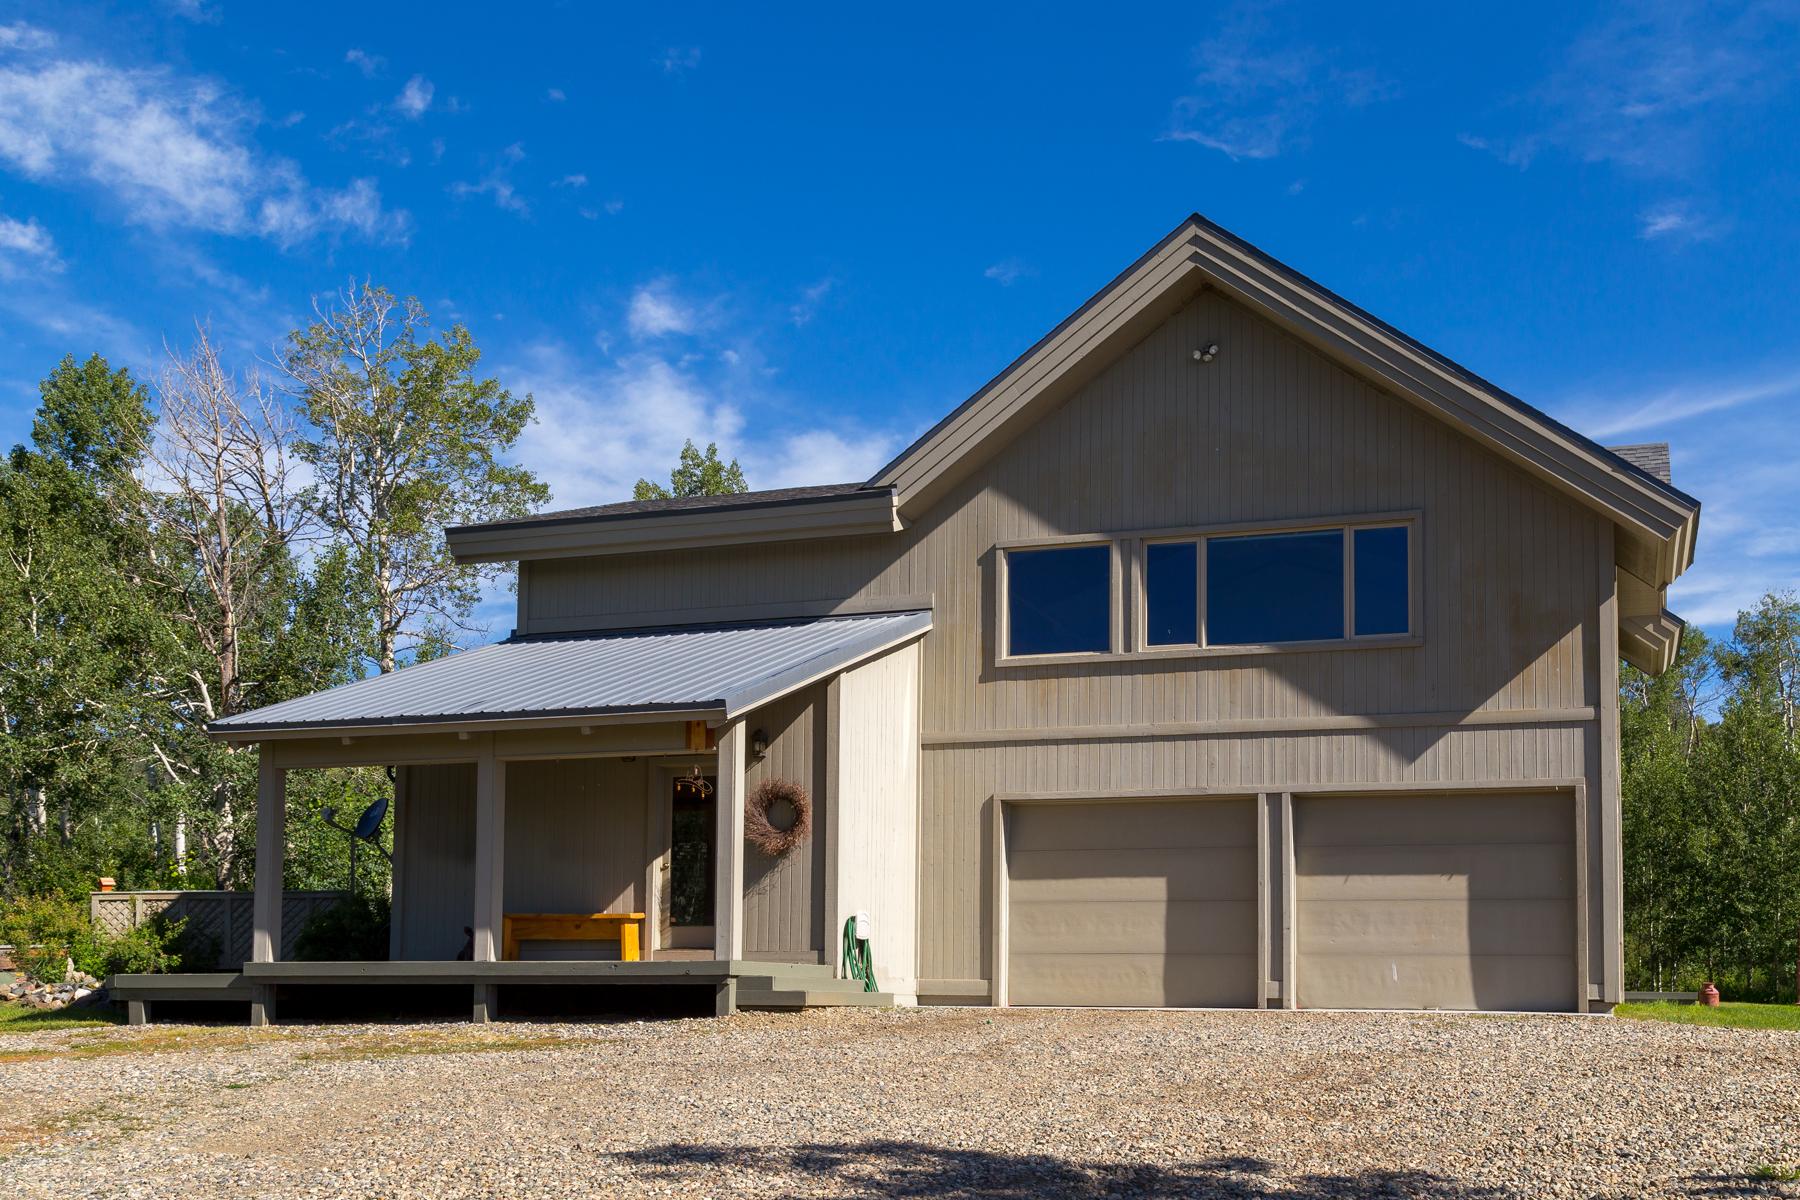 Maison unifamiliale pour l Vente à Exceptional Horse Property 24555 McAlpin Trail Clark, Colorado, 80428 États-Unis